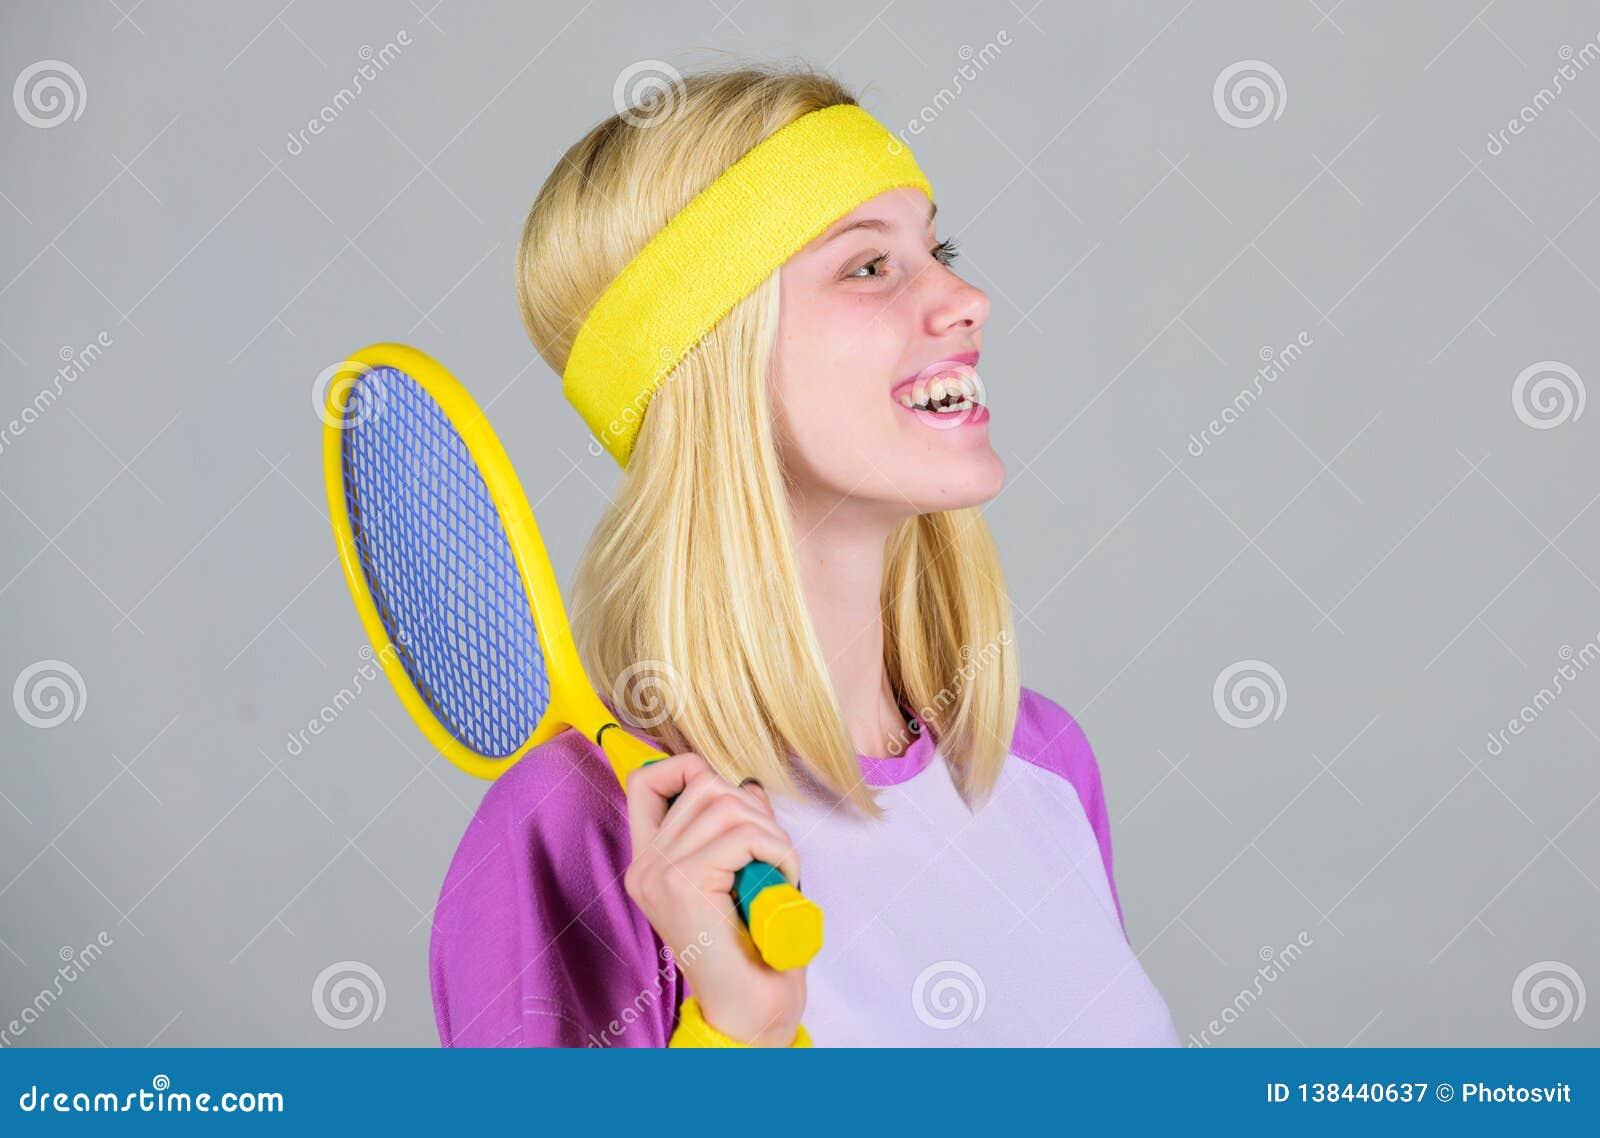 Athletengriff-Tennisschläger in der Hand Tennisvereinkonzept Aktive Freizeit und Liebhaberei Tennissport und -unterhaltung Mädche